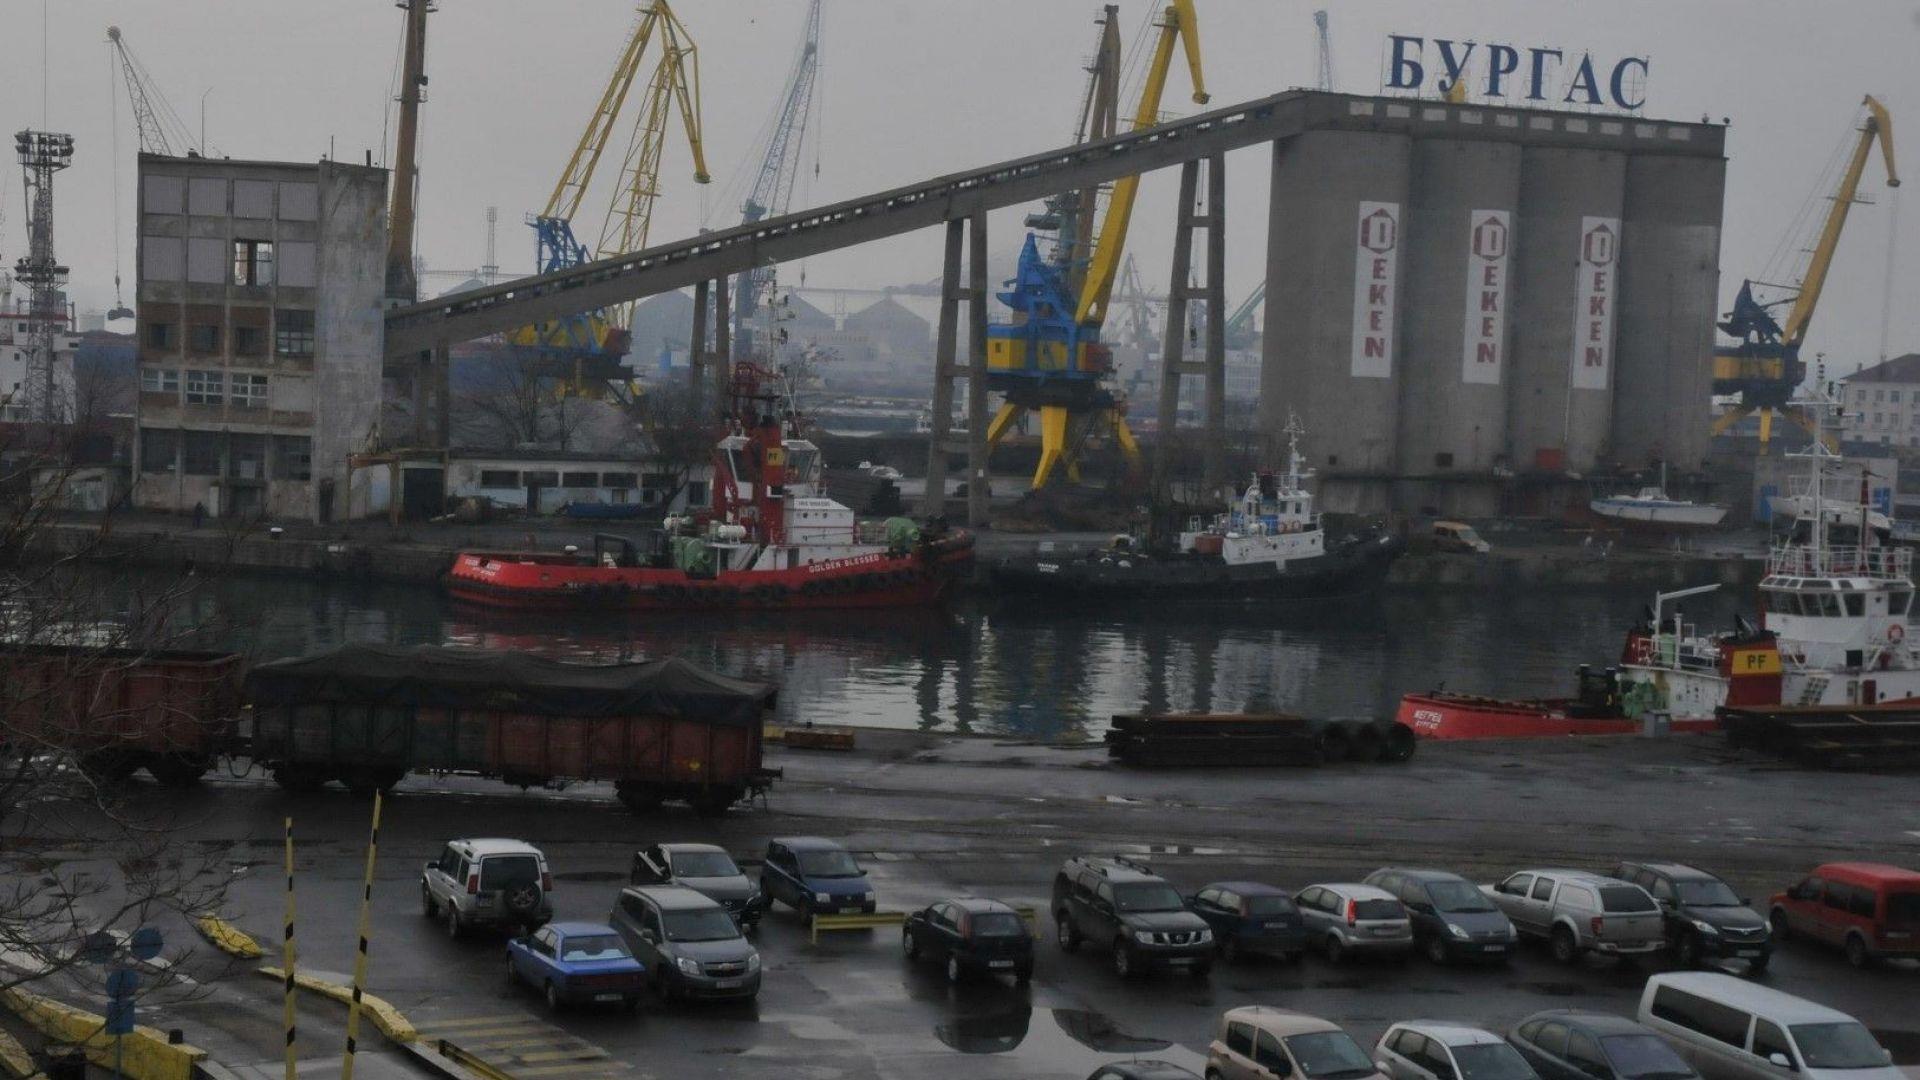 Търговският дефицит на България достигна 273.2 млн. евро